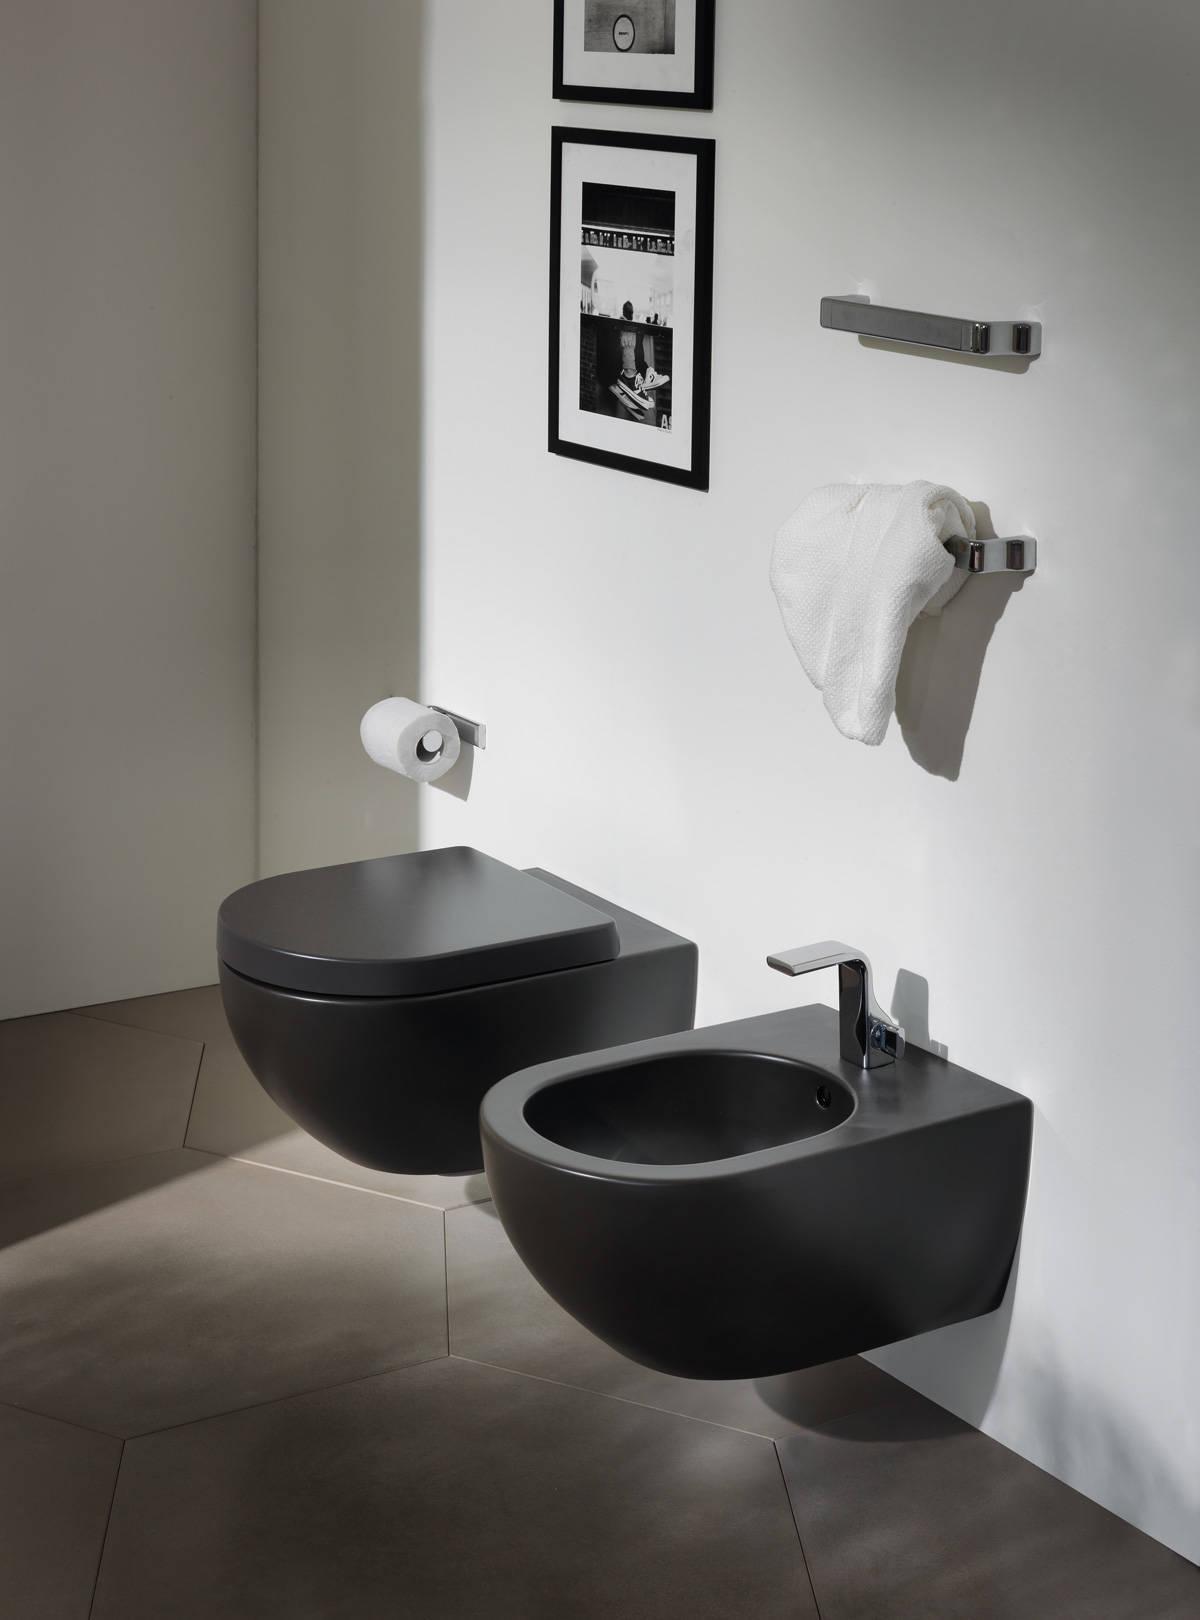 Richiedi informazioni sui prodotti di arredo bagno Flaminia